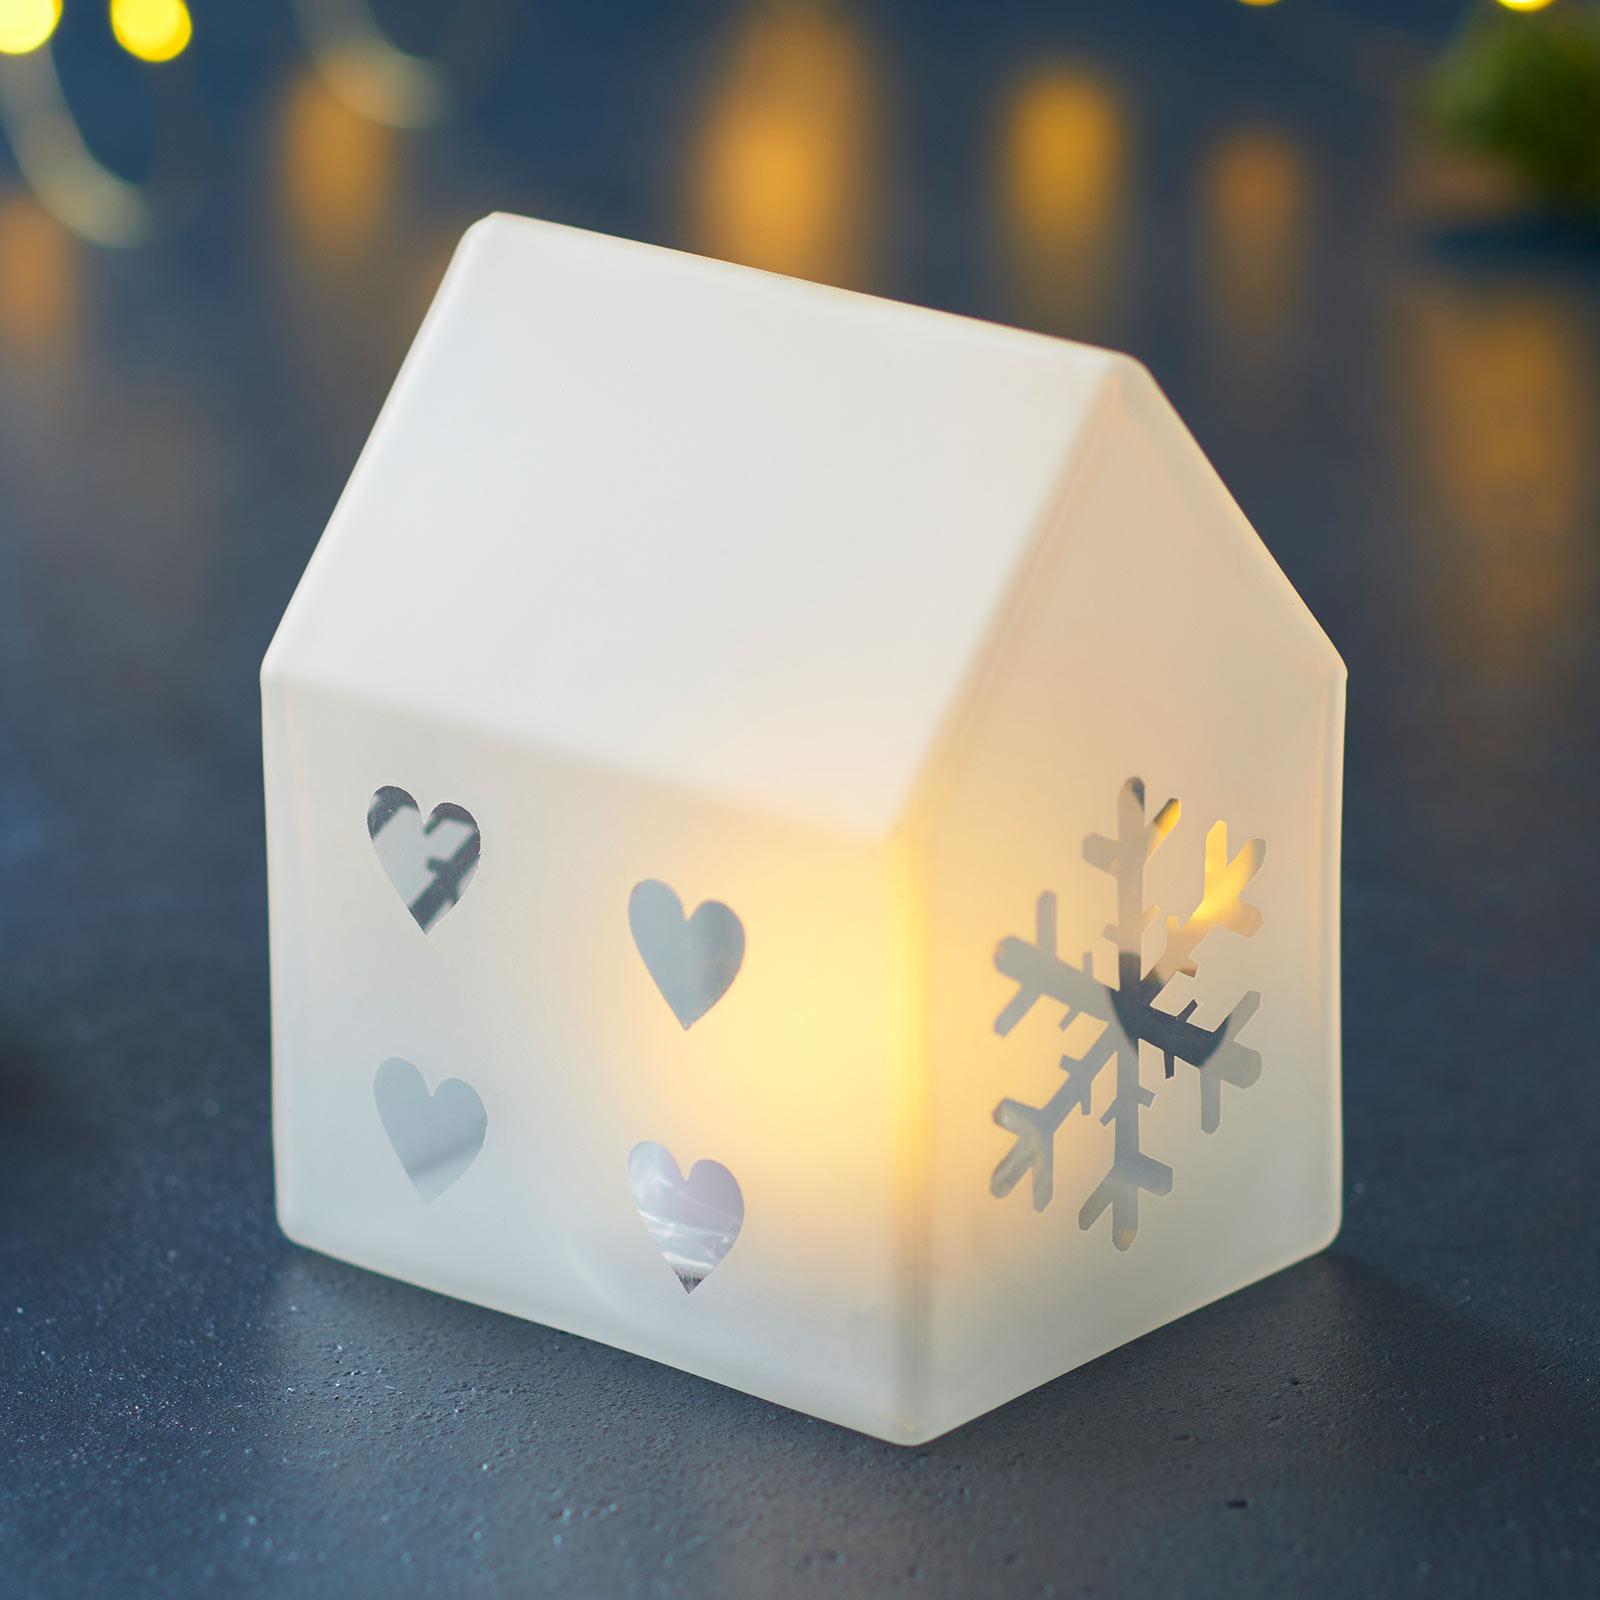 Lampada decorativa LED Santa House, alta 10 cm